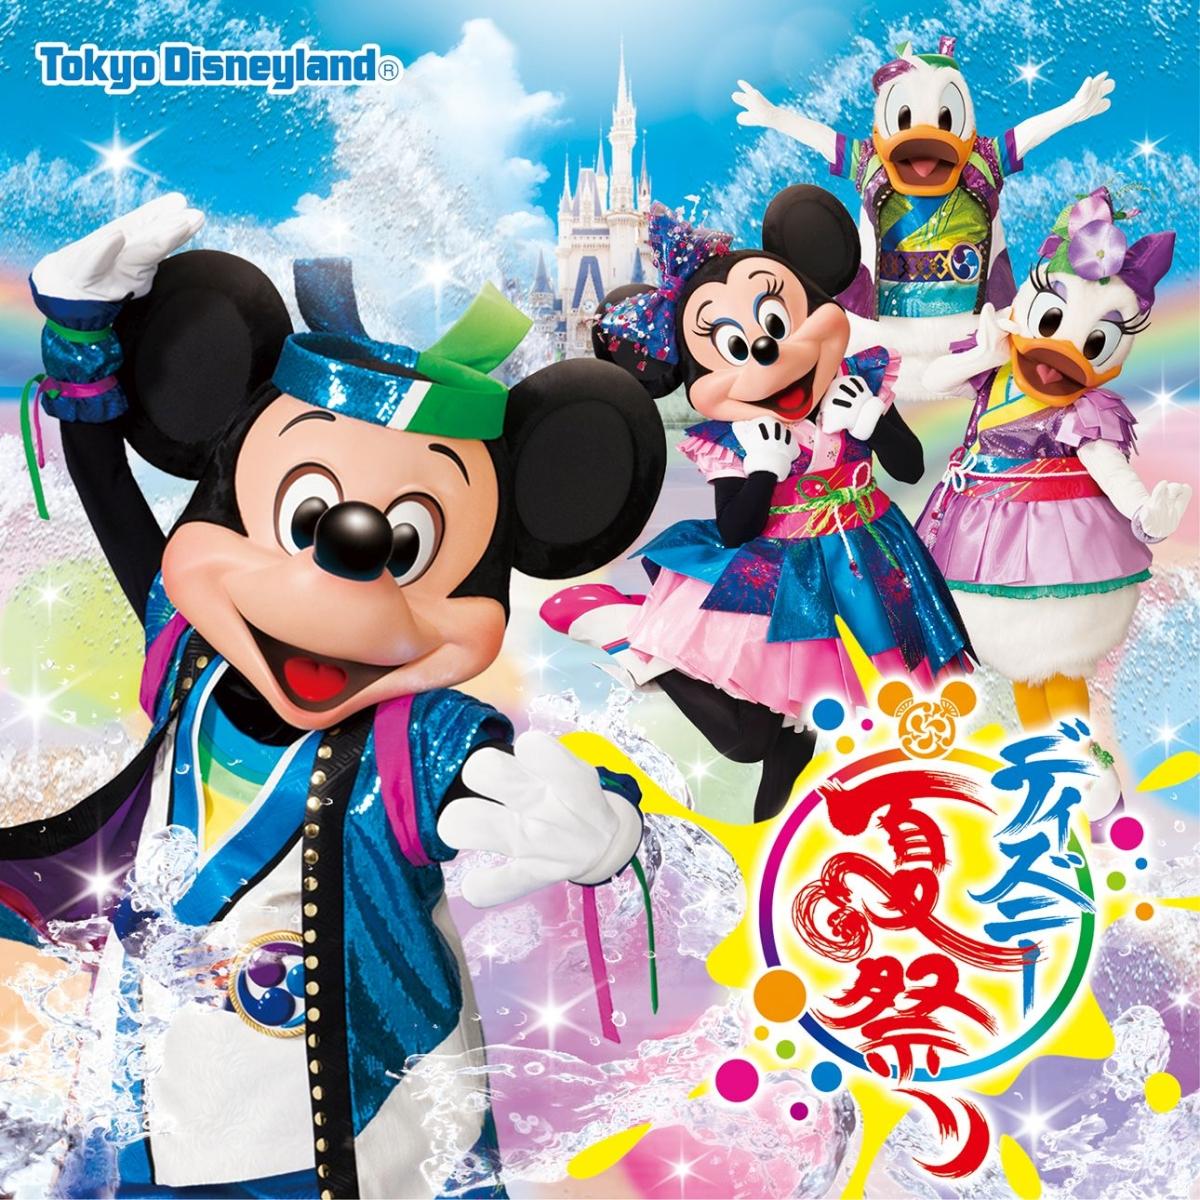 楽天ブックス: 東京ディズニーランド ディズニー夏祭り 2017